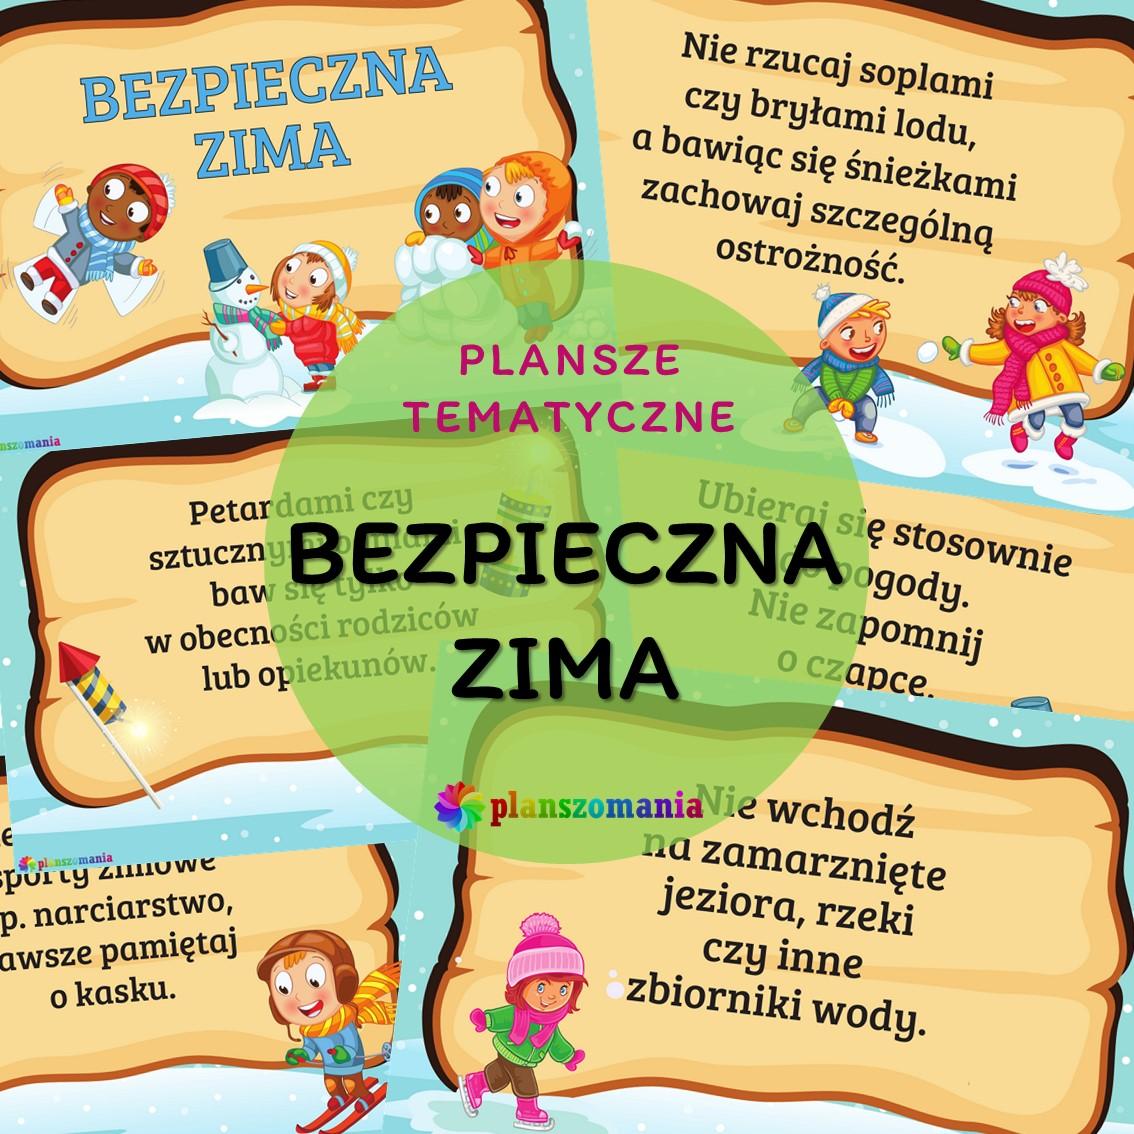 bezpieczna zima bezpieczeństwo w zimie planszomania materiały edukacyjne plansze dydaktyczne na gazetkę pdf do druku za darmo dla dzieci